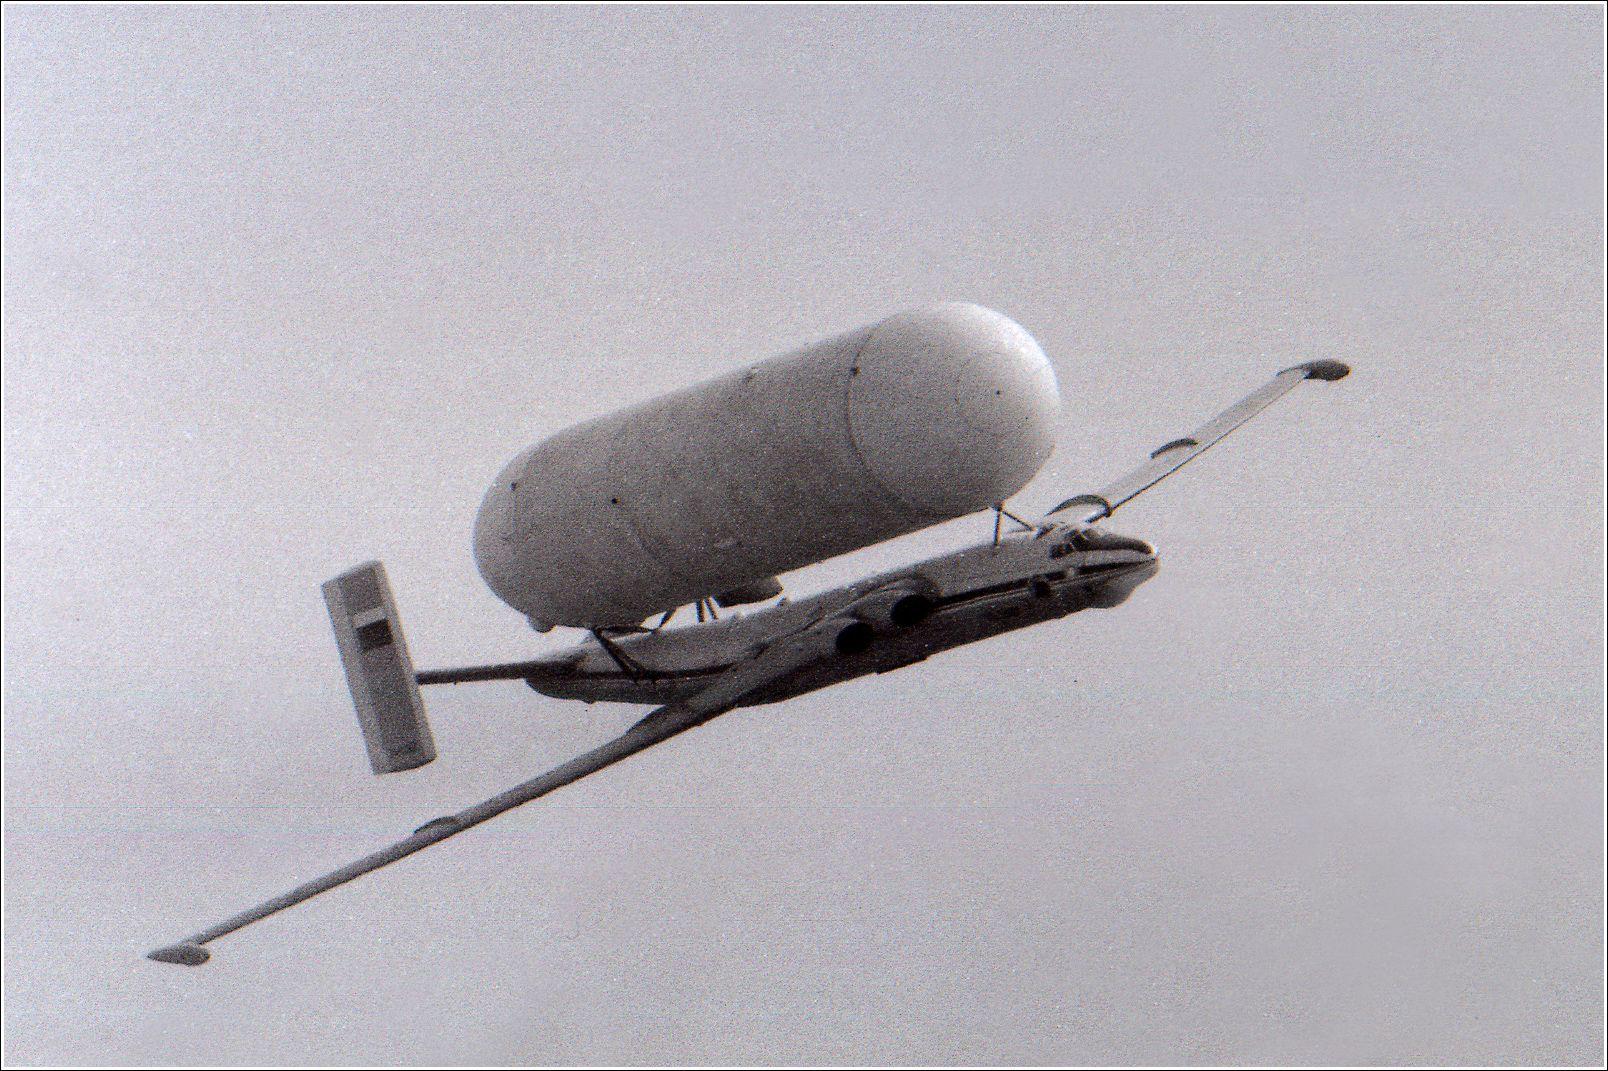 Атлант ВМ-Т Атлант он же 3М-Т 3М транспортный авиация самолёт полет Жуковский 1992